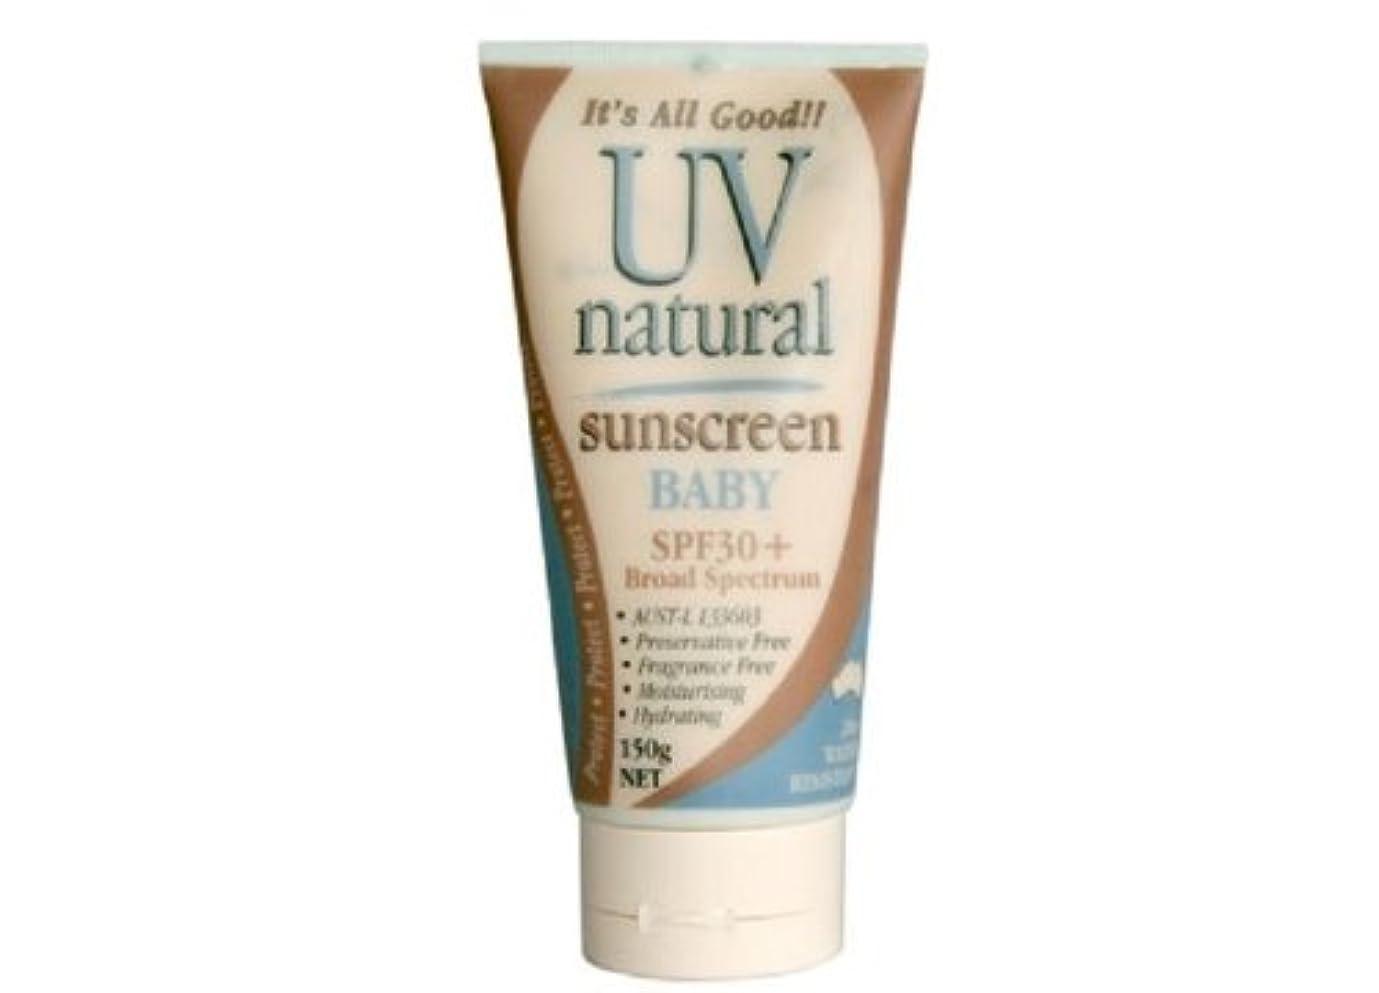 パッドトラブル鳴らす【UV NATURAL】Baby 日焼け止め Natural SPF30+ 150g 3本セット